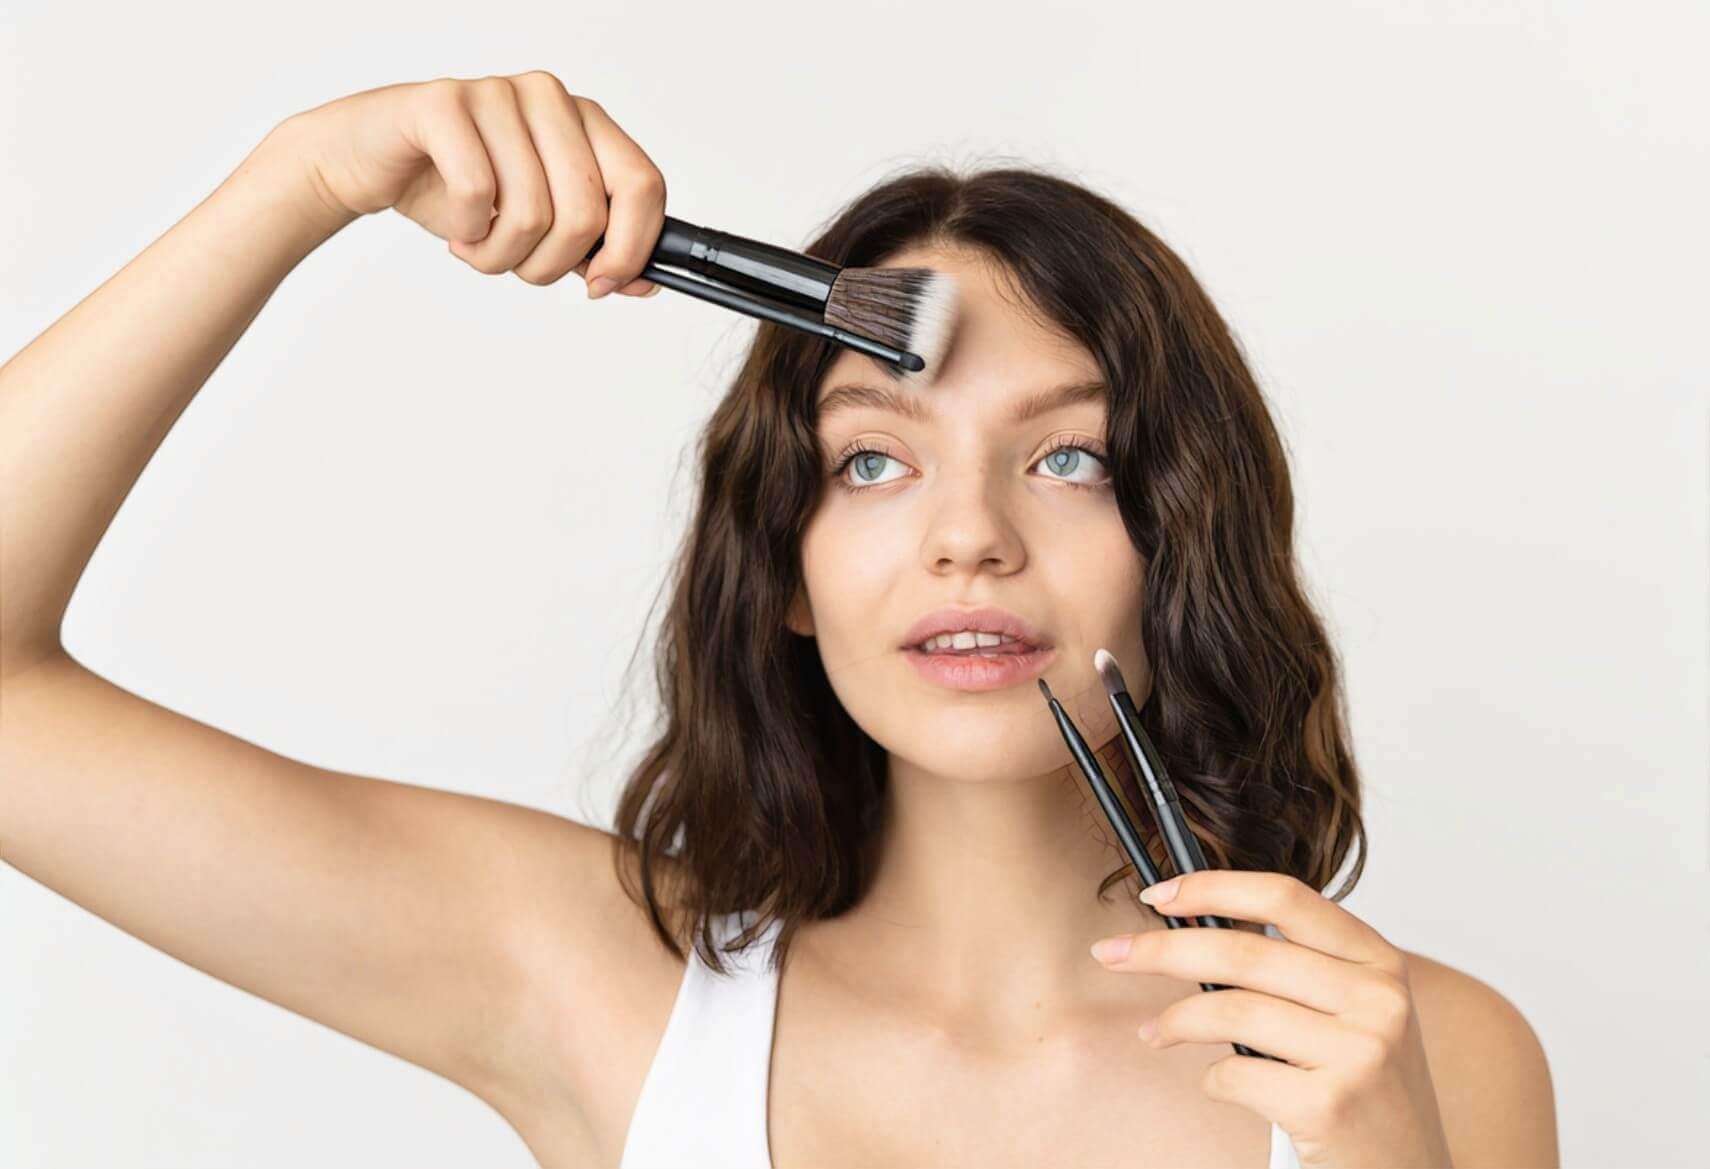 Эффективно ли чистить лицо при наличии прыщей*?